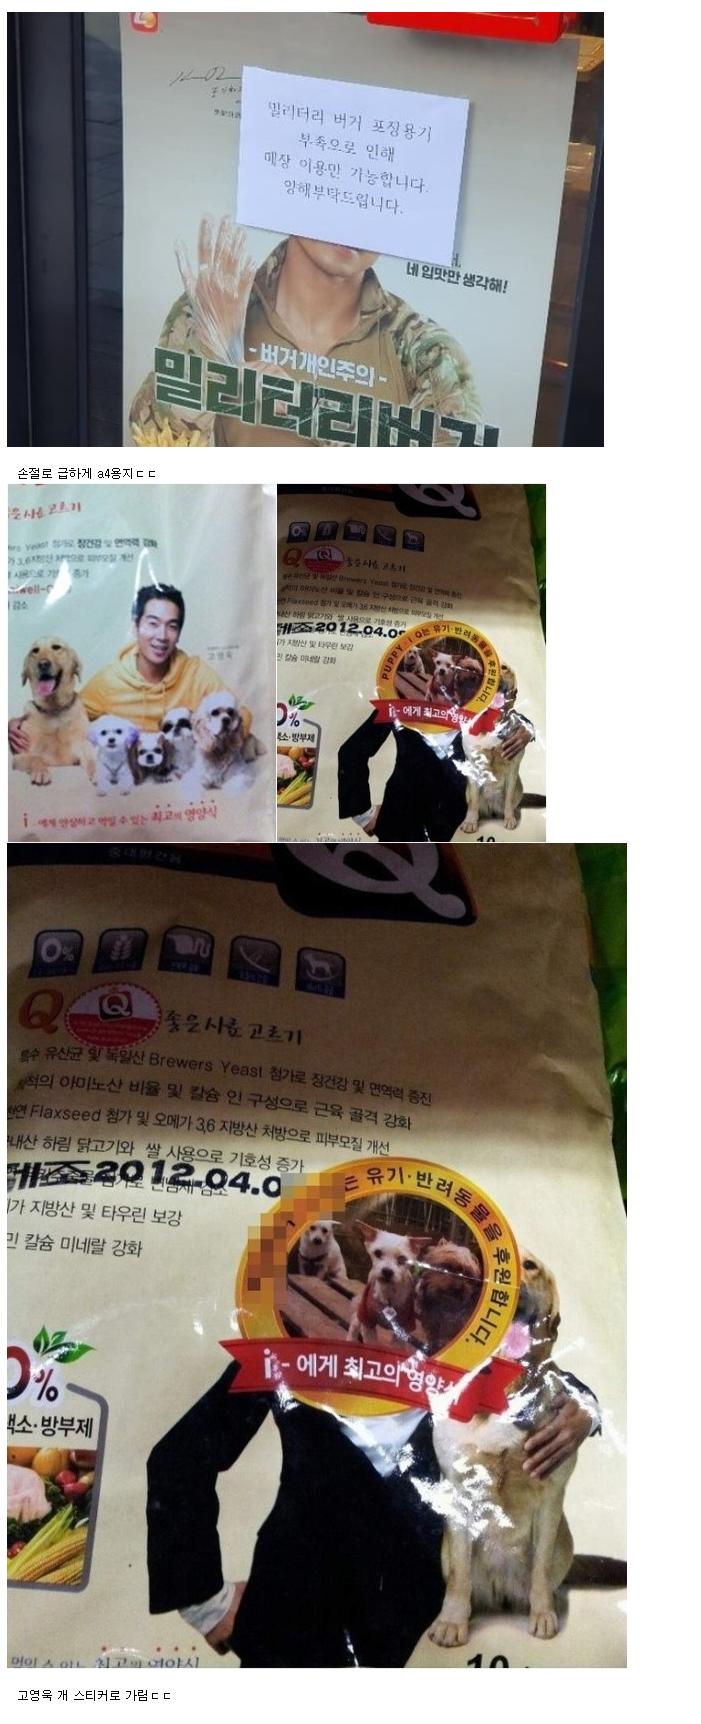 이근 대위 고영욱 광고 손절